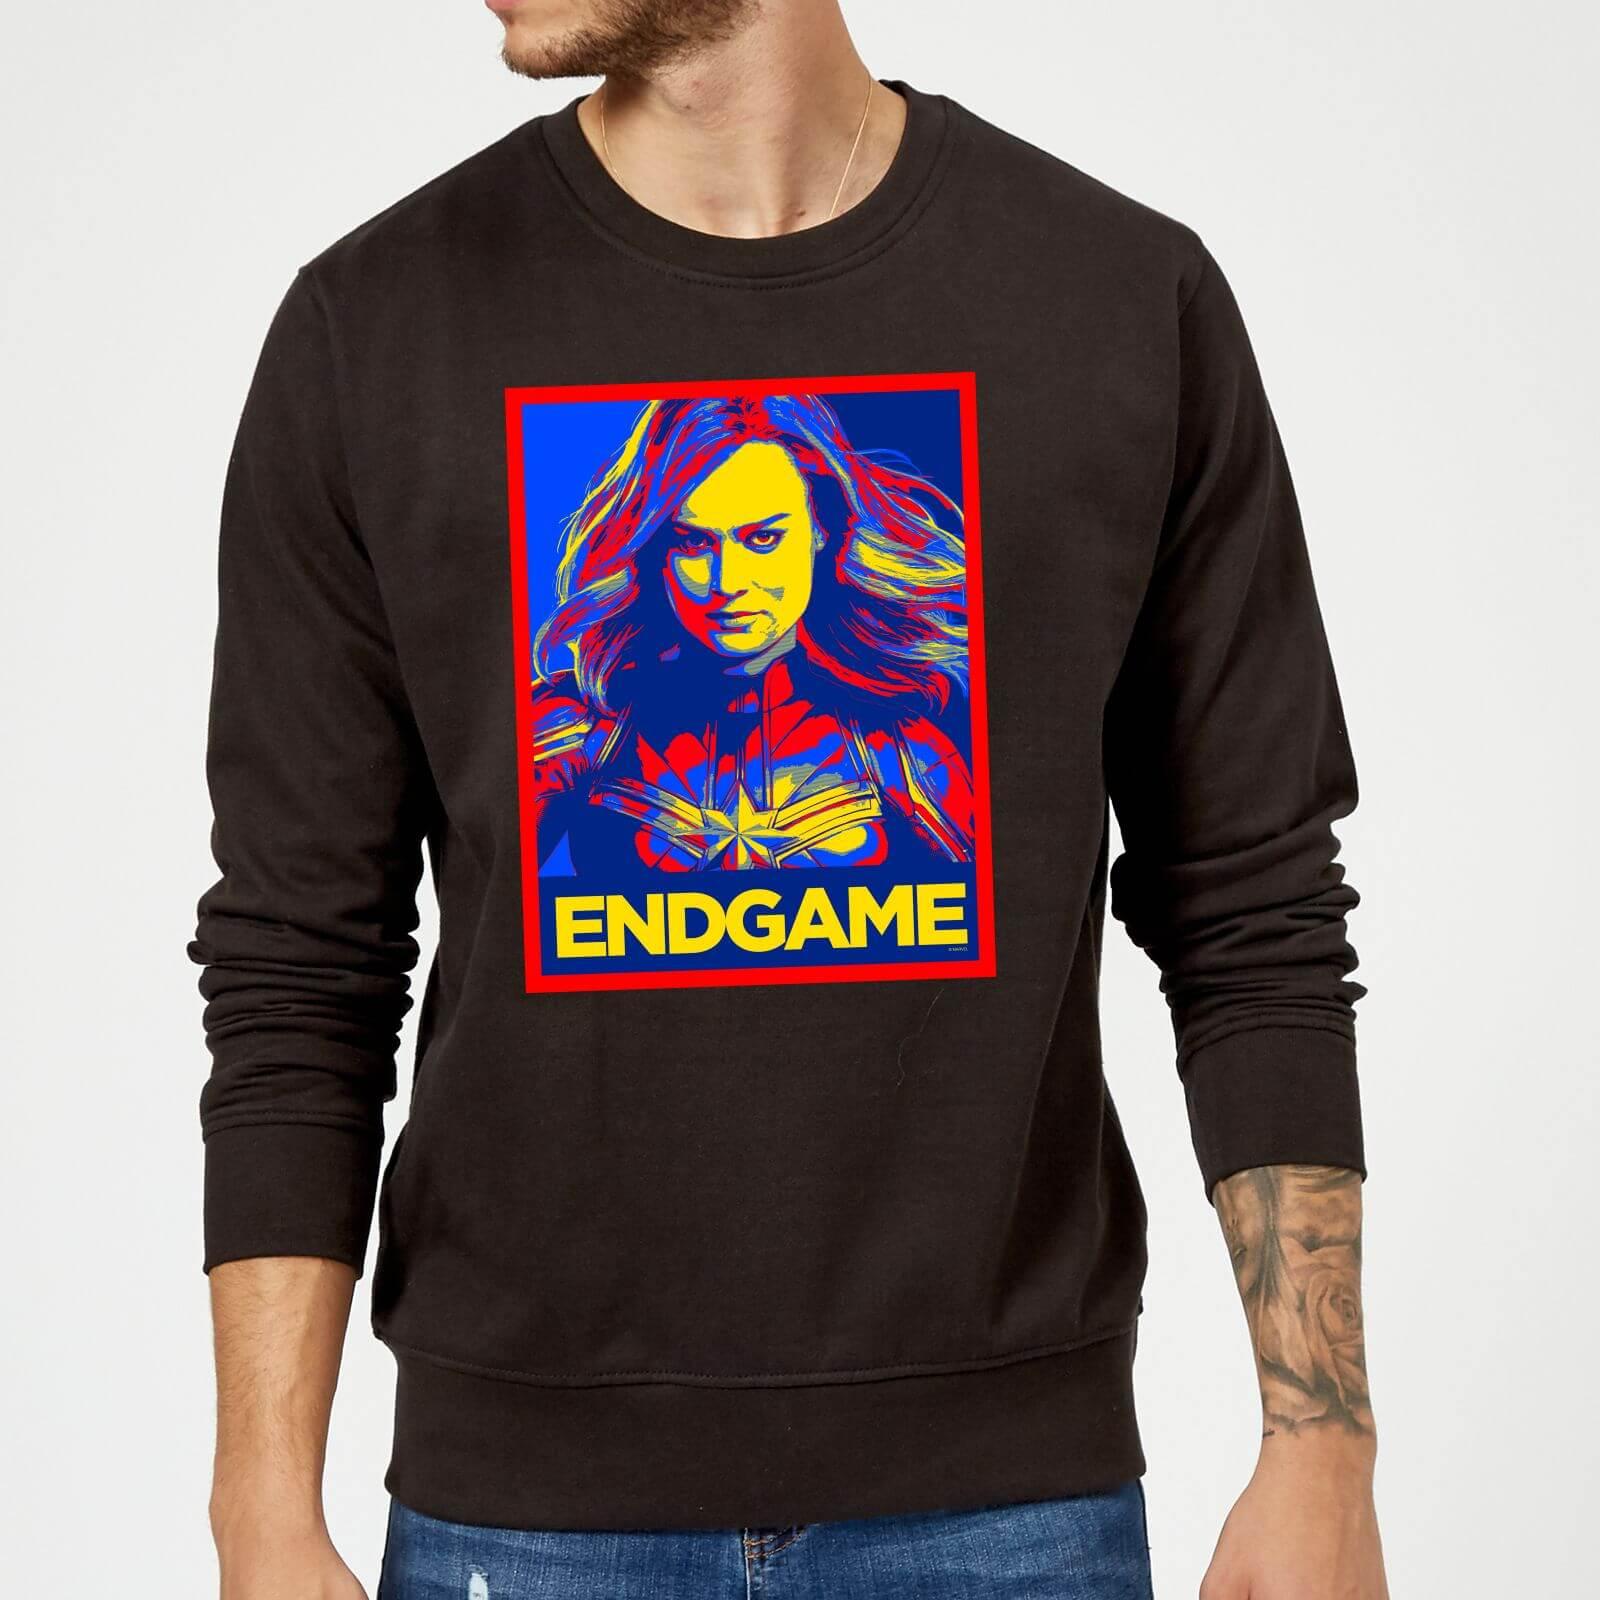 Marvel Avengers Endgame Captain Marvel Poster Sweatshirt - Black - S - Black